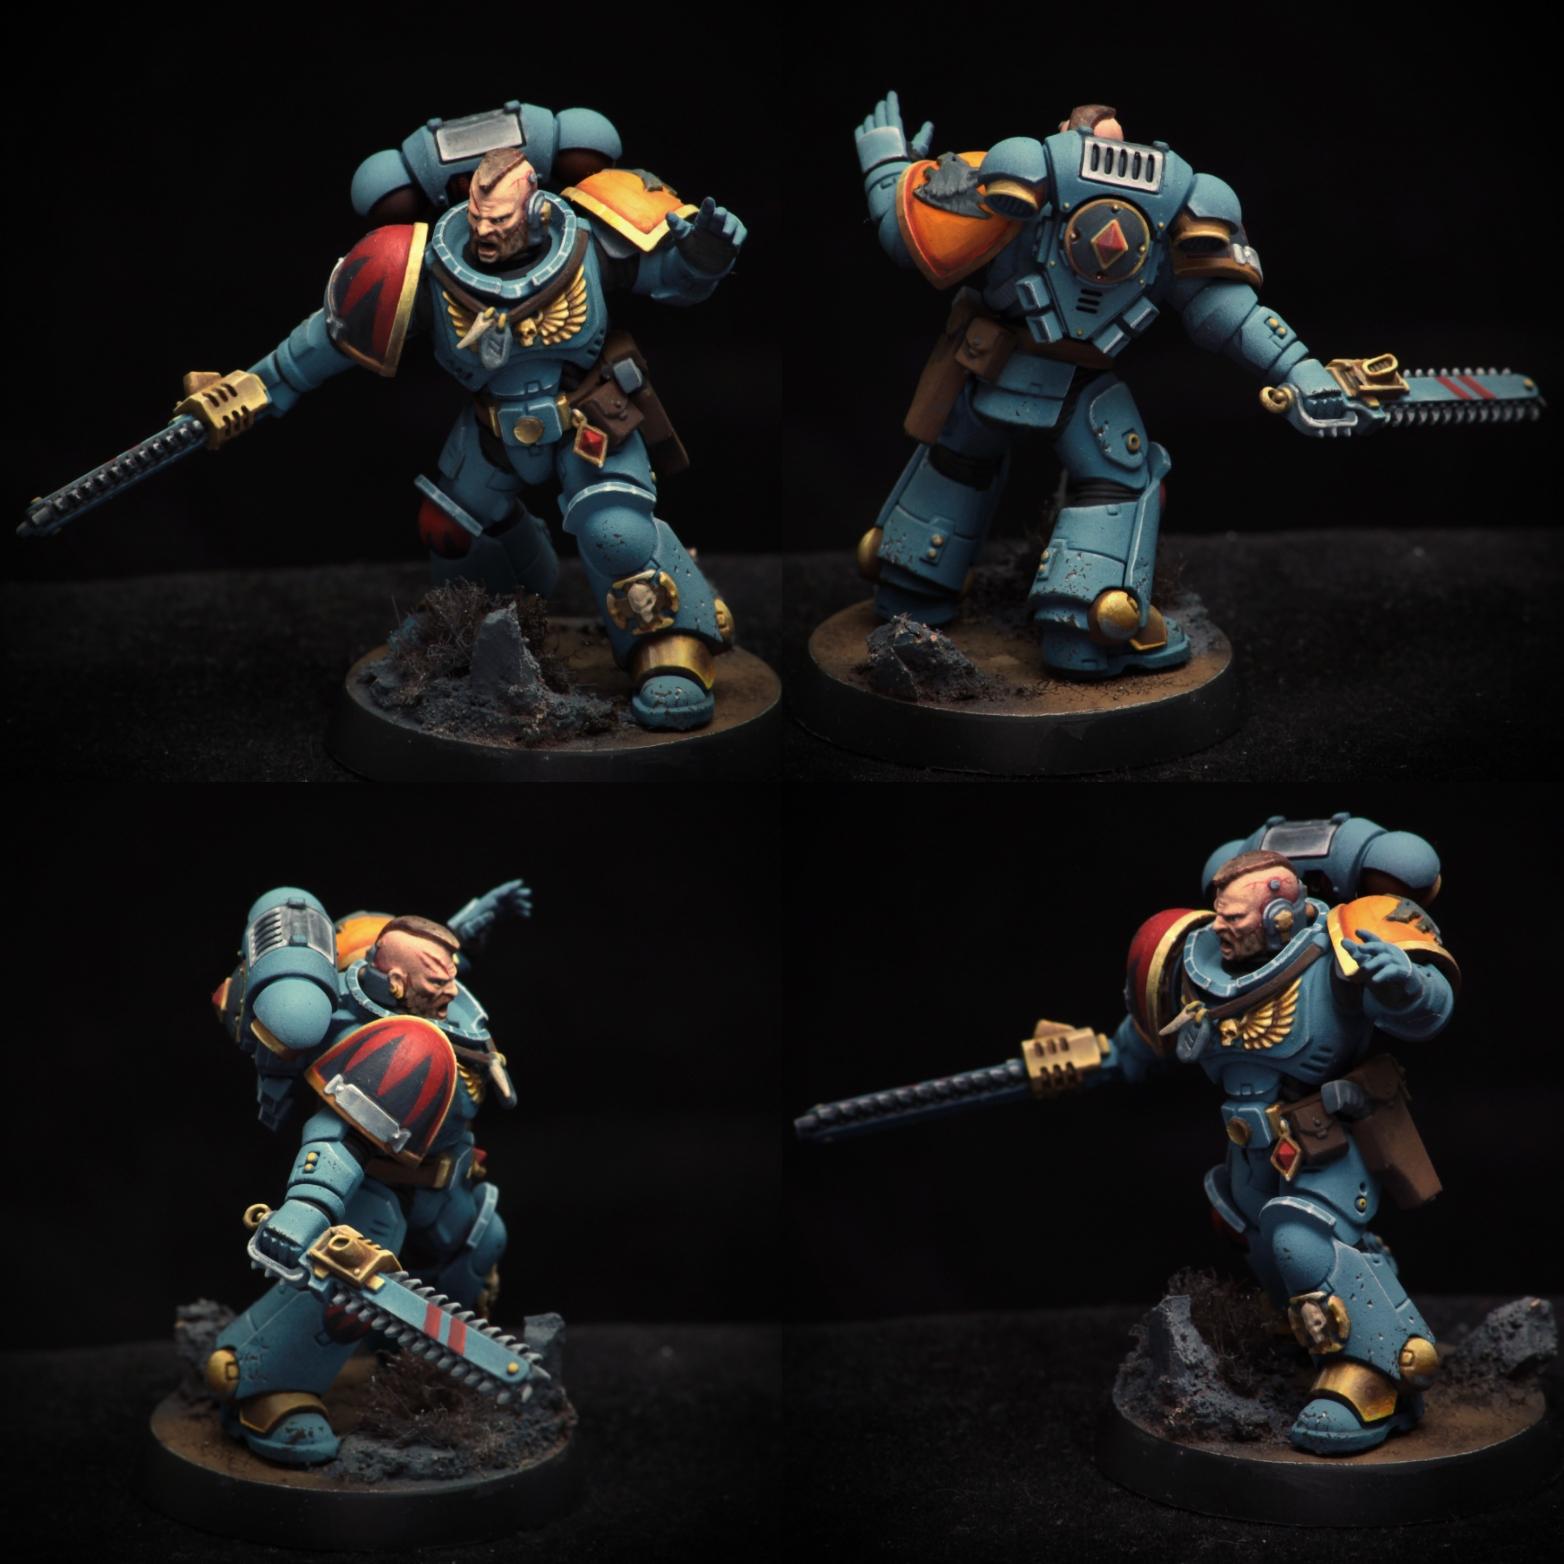 Space Wolves Primaris intercessor sergeant